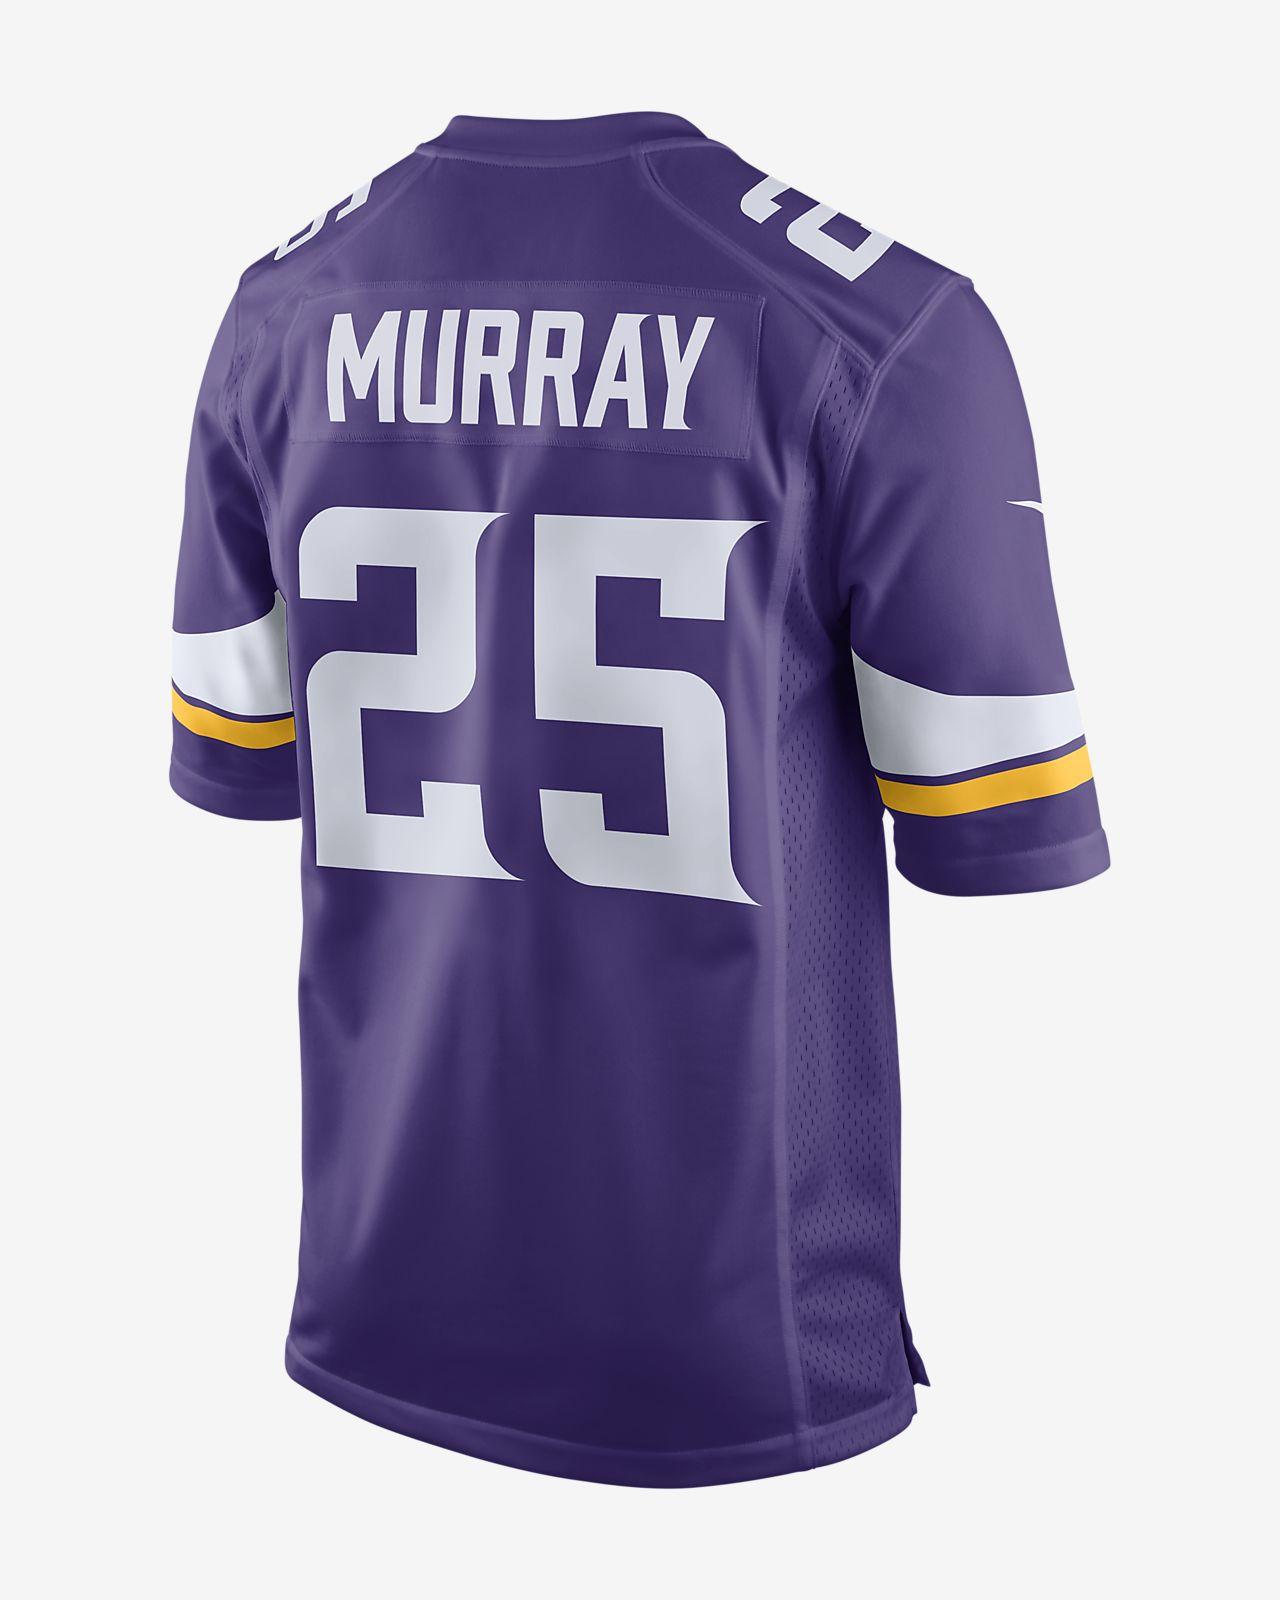 ... Camiseta de fútbol americano de local para hombre NFL Minnesota Vikings  (Latavius Murray) f54a8e0cd8587